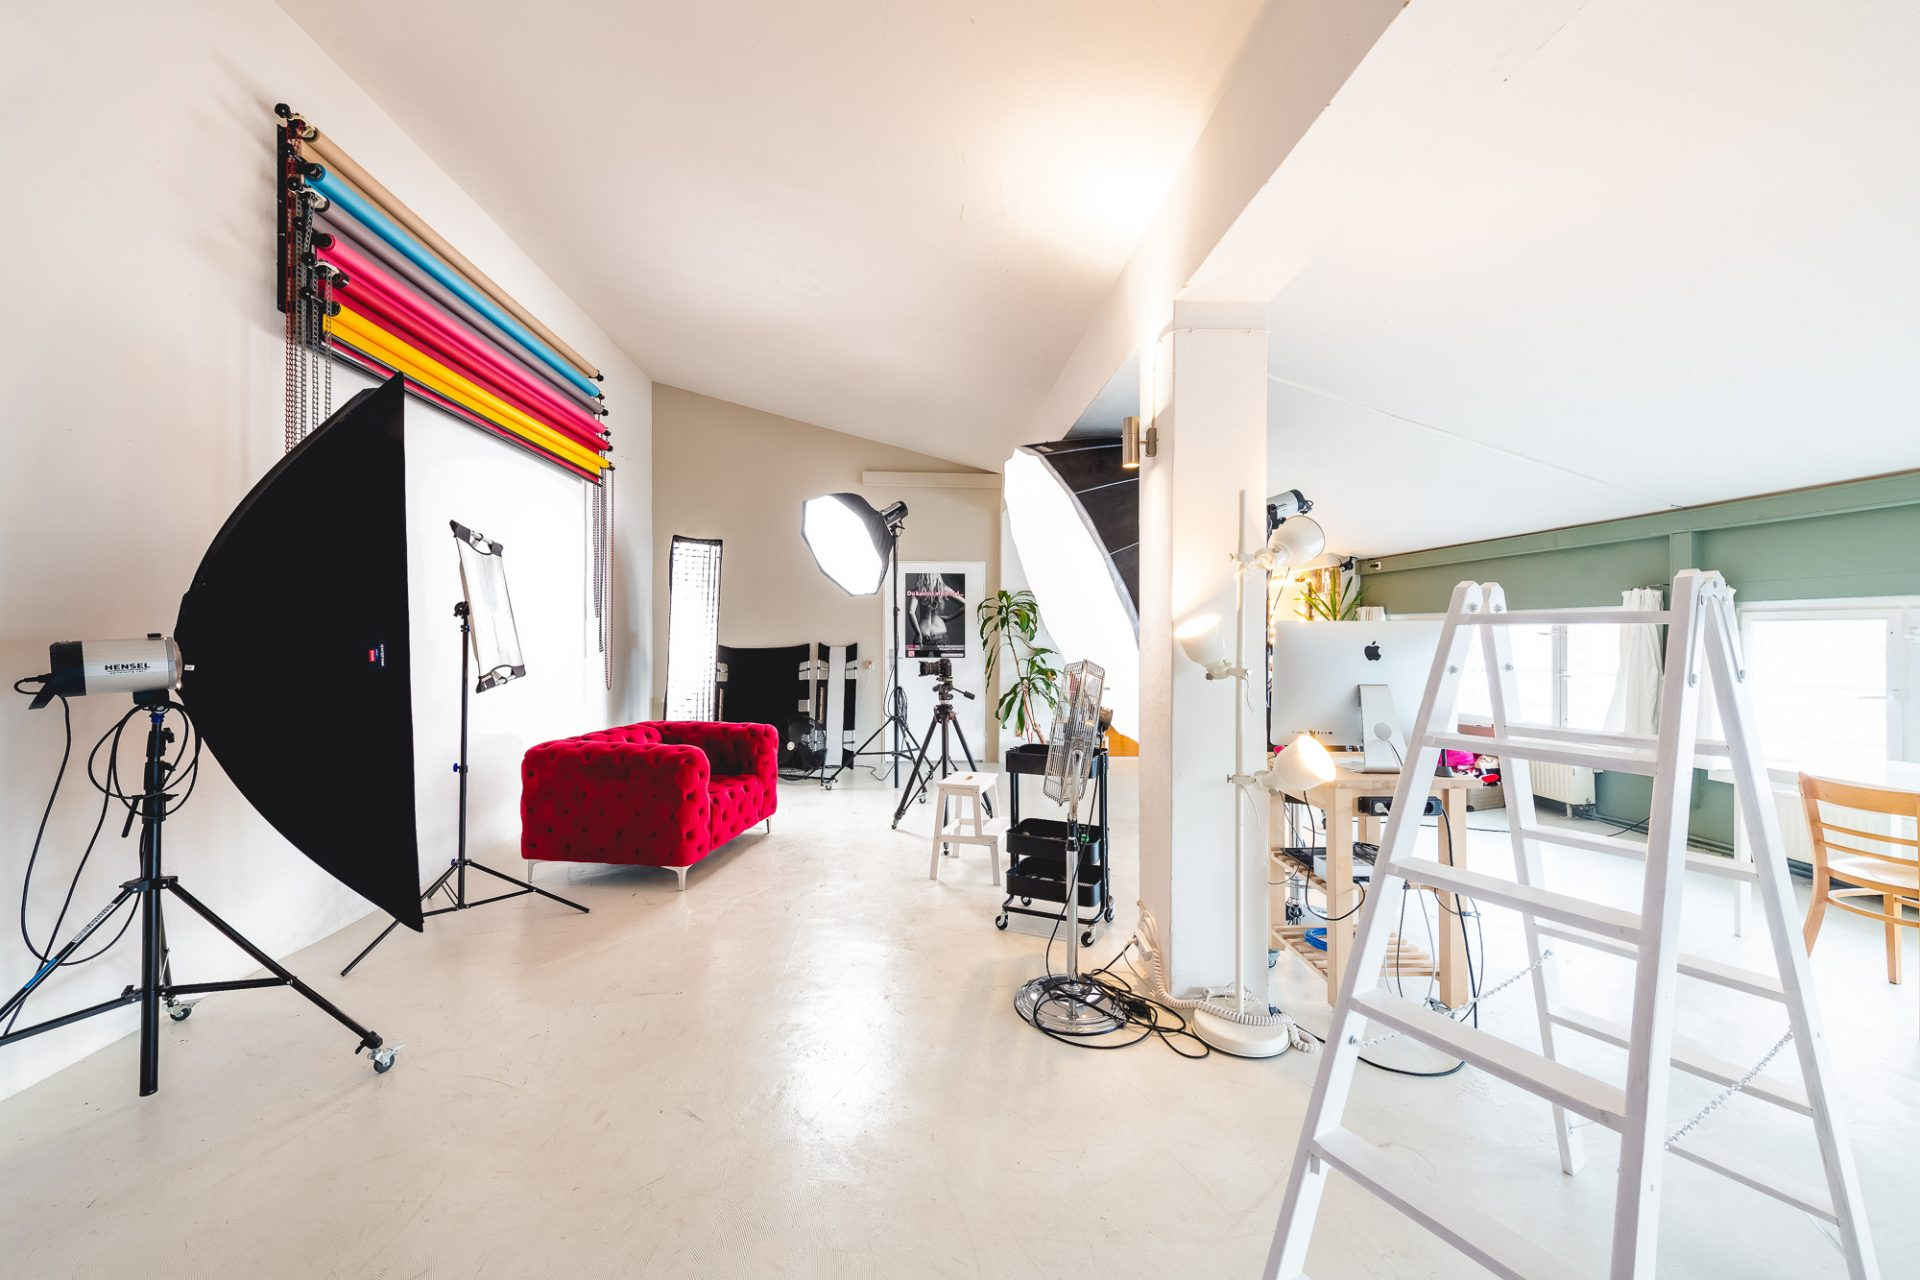 Fotostudio in Dresden für Beauty, Fashion und Portraits ©Offenblende / Toni TKR